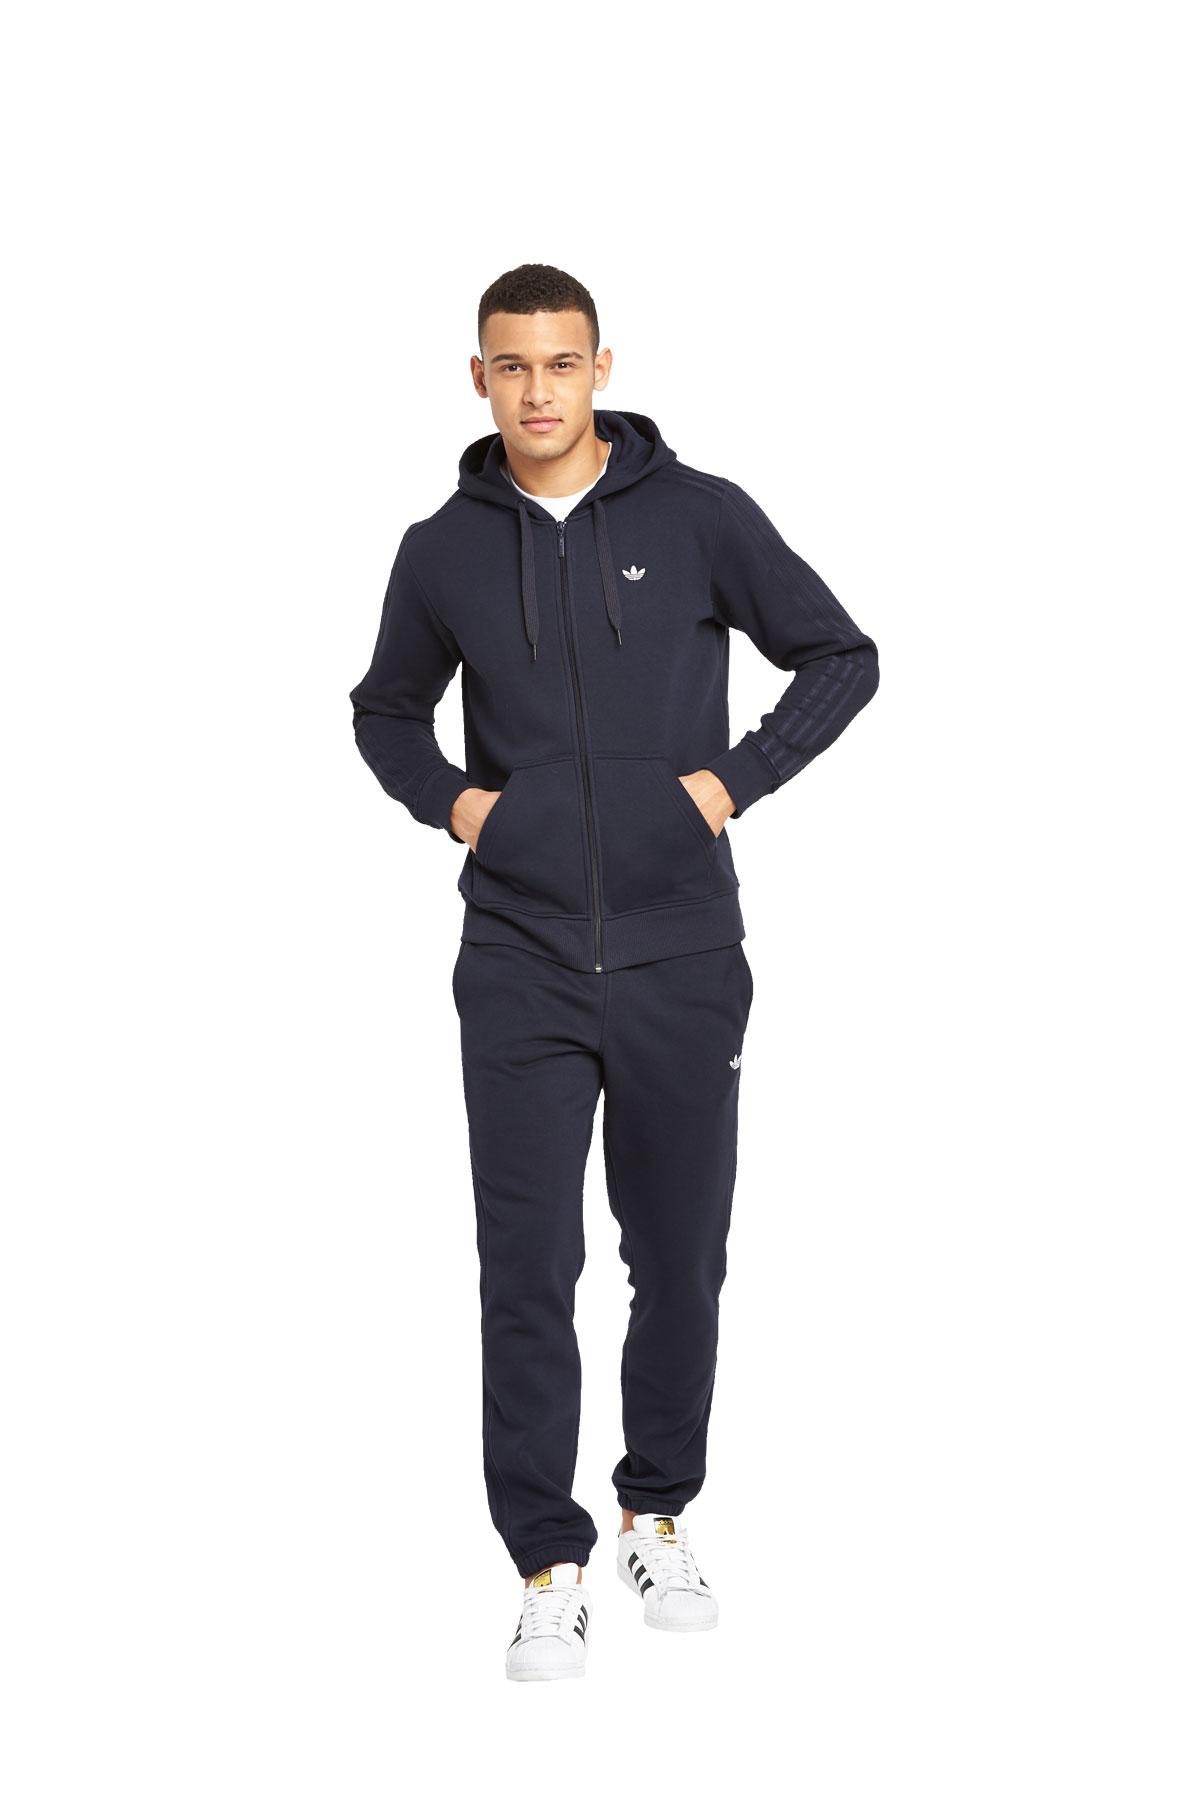 Adidas Originals Classic Trefoil Mens Hoodie